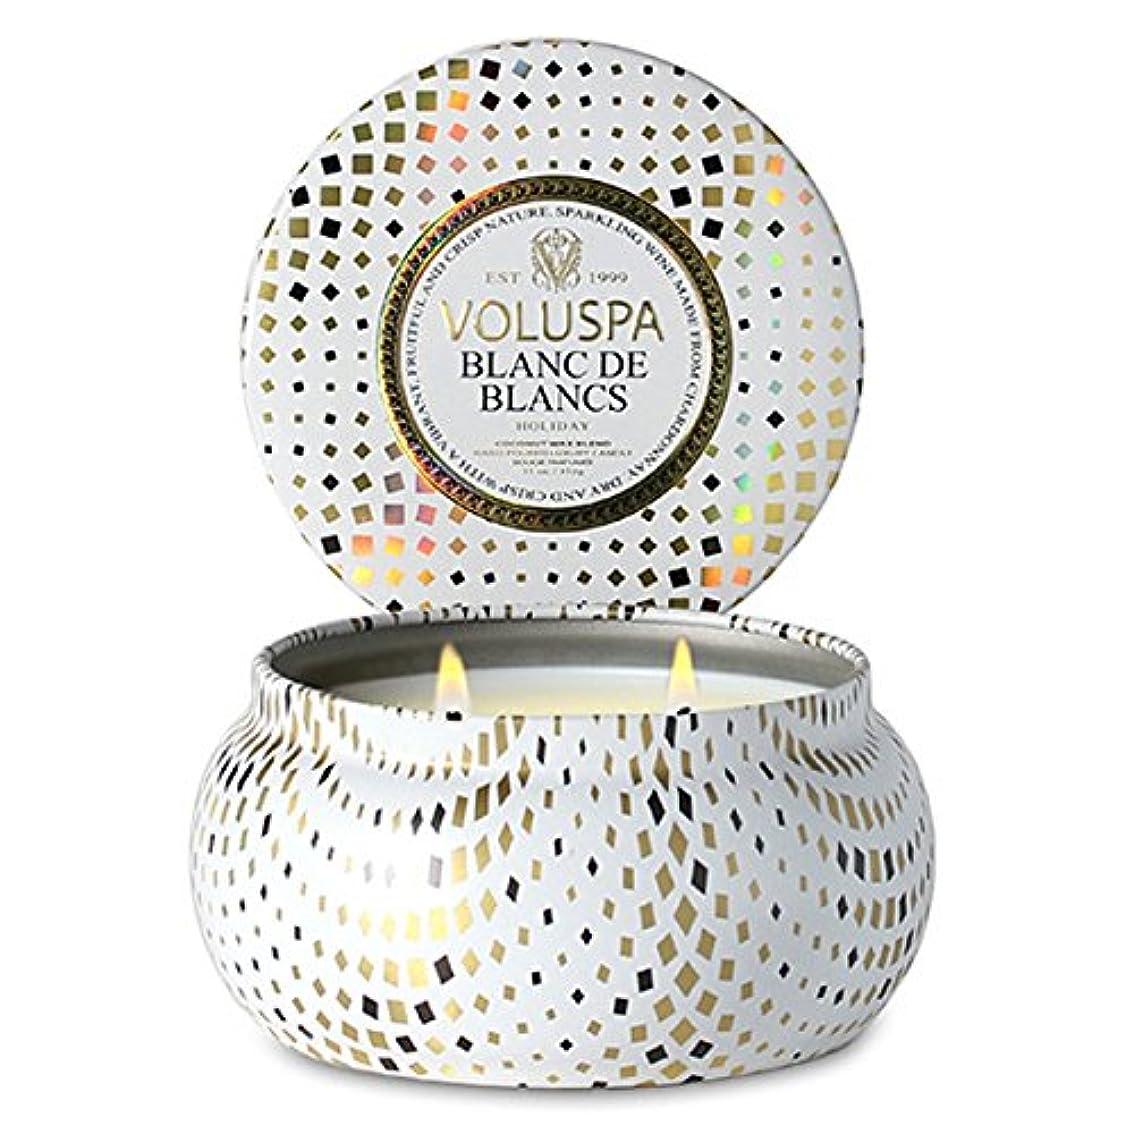 バージンレキシコンアルカイックVoluspa ボルスパ メゾンホリデー 2-Wick ティンキャンドル ブラン ド ブラン BLANC DE BLANCS MASION HOLIDAY 2-ウィック Tin Glass Candle